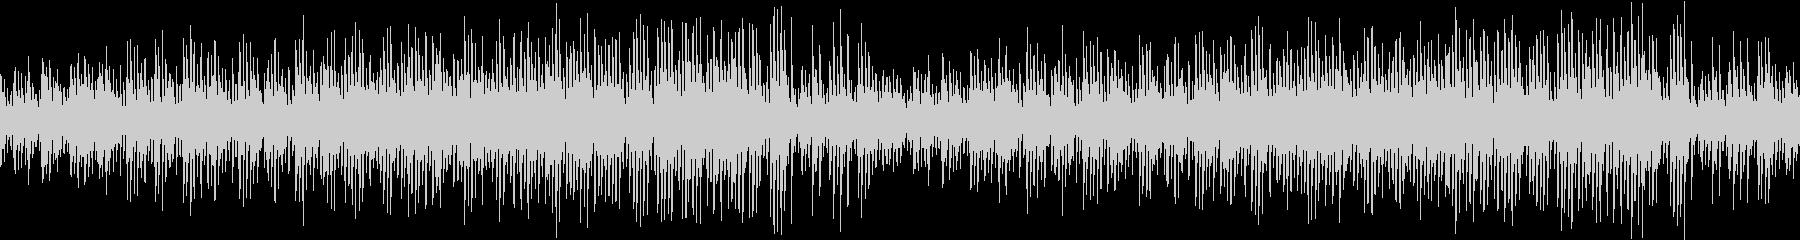 【リズム抜き】口笛ほのぼのアコースティ…の未再生の波形